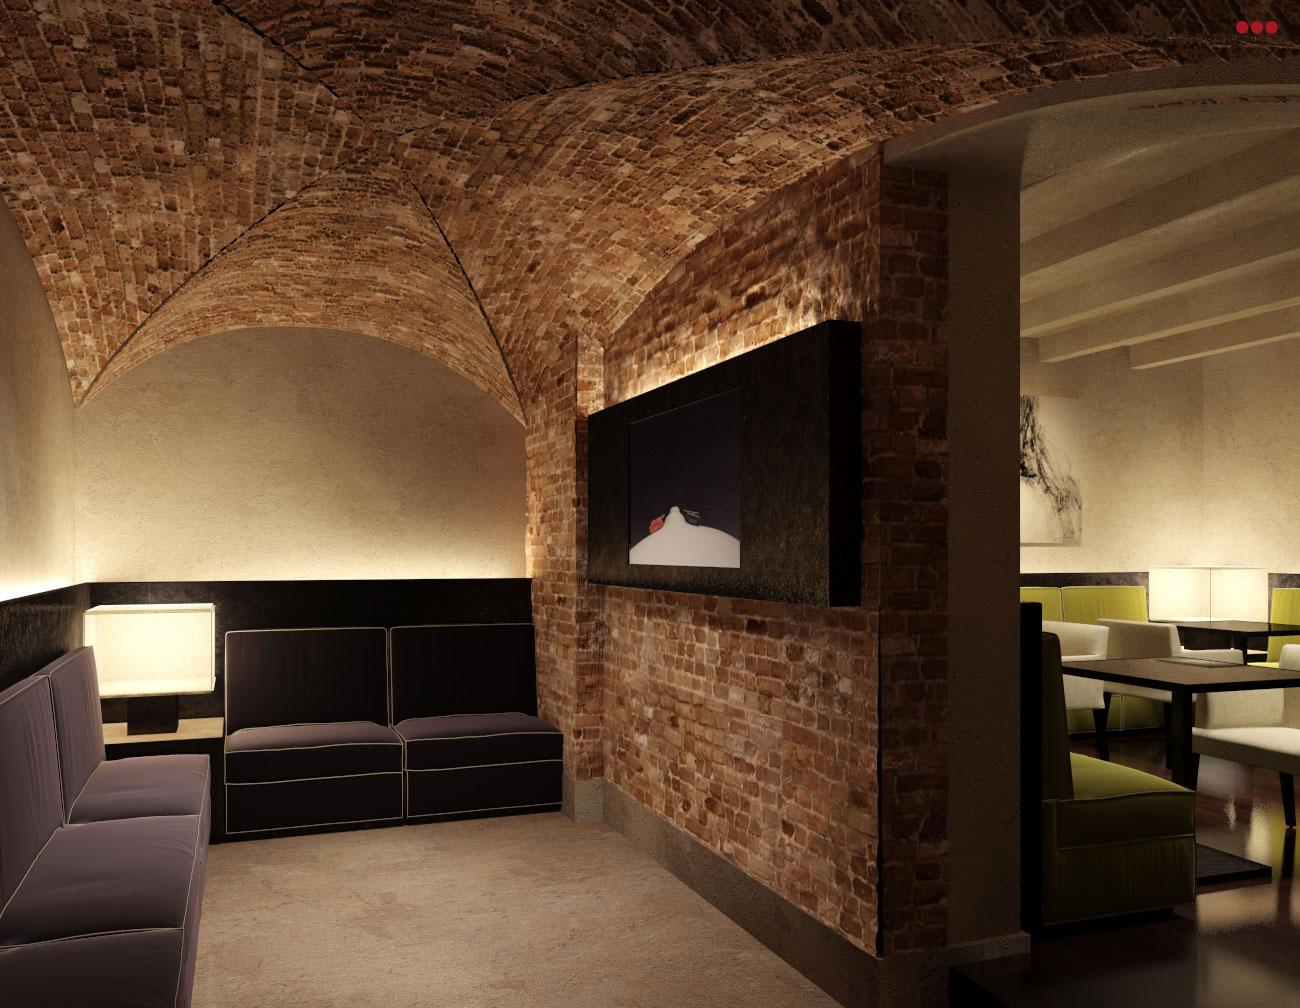 rendering progettazioine grafica 3d negozi bar contract sala esposizione Rimini Pesaro Riccione